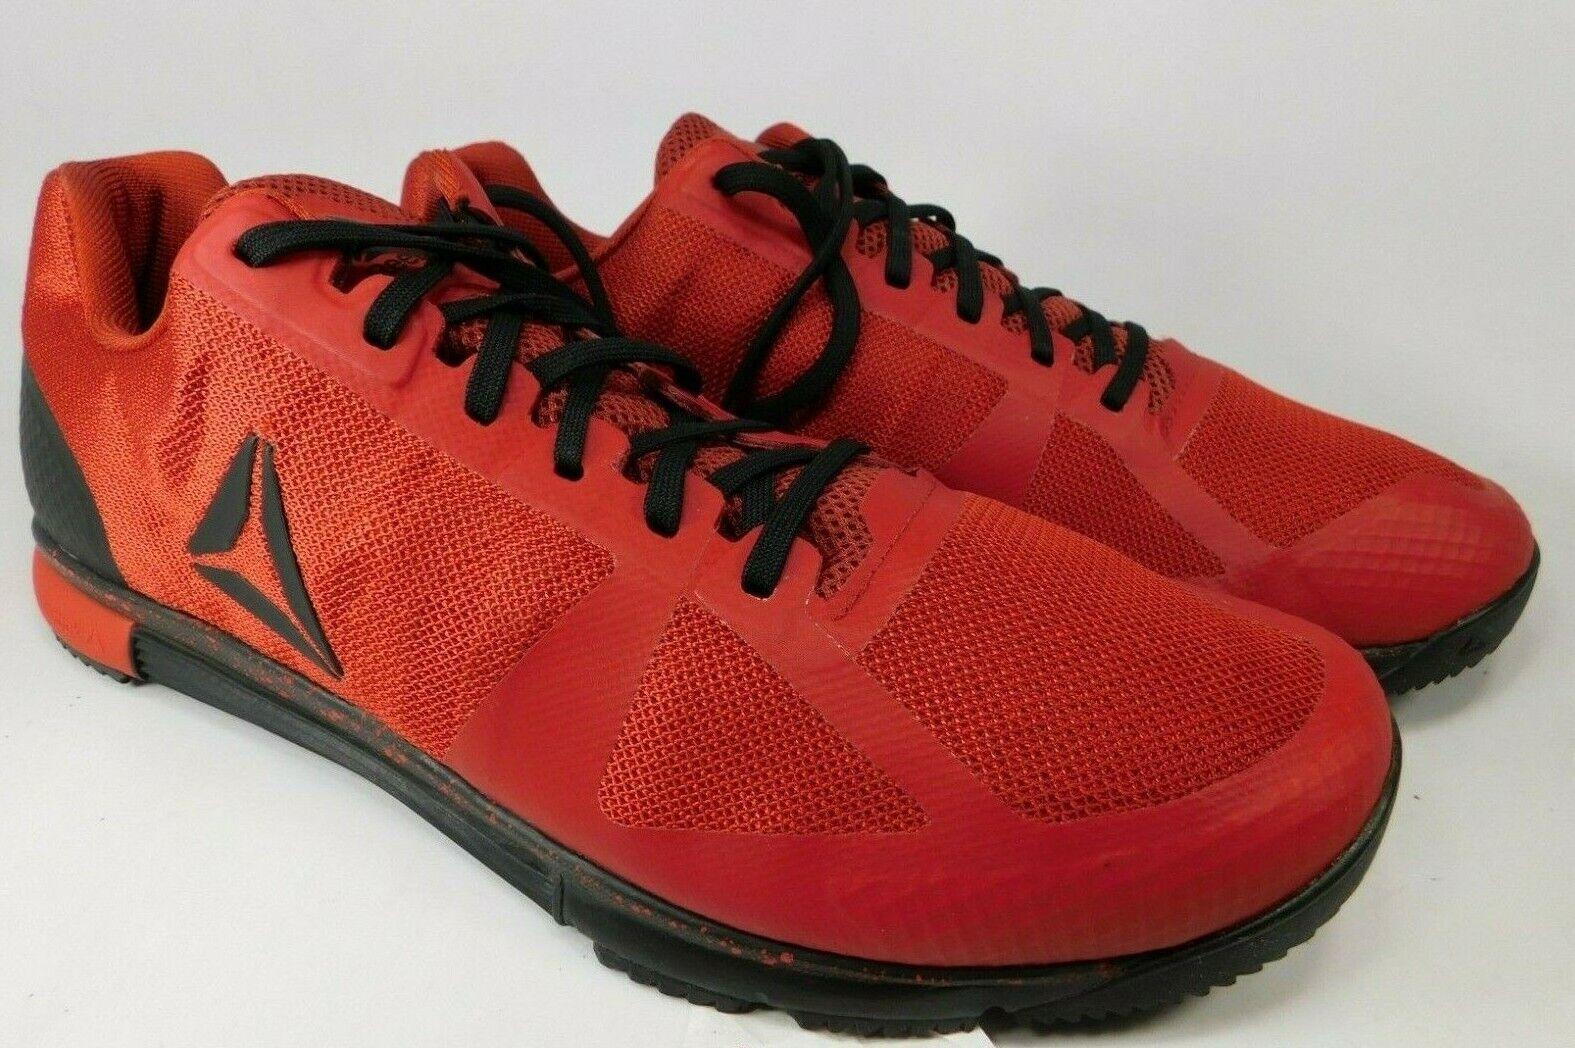 Reebok CrossFit Speed TR 2.0 tamaño 11.5 m (D) para hombres zapatos de entrenamiento CN1008